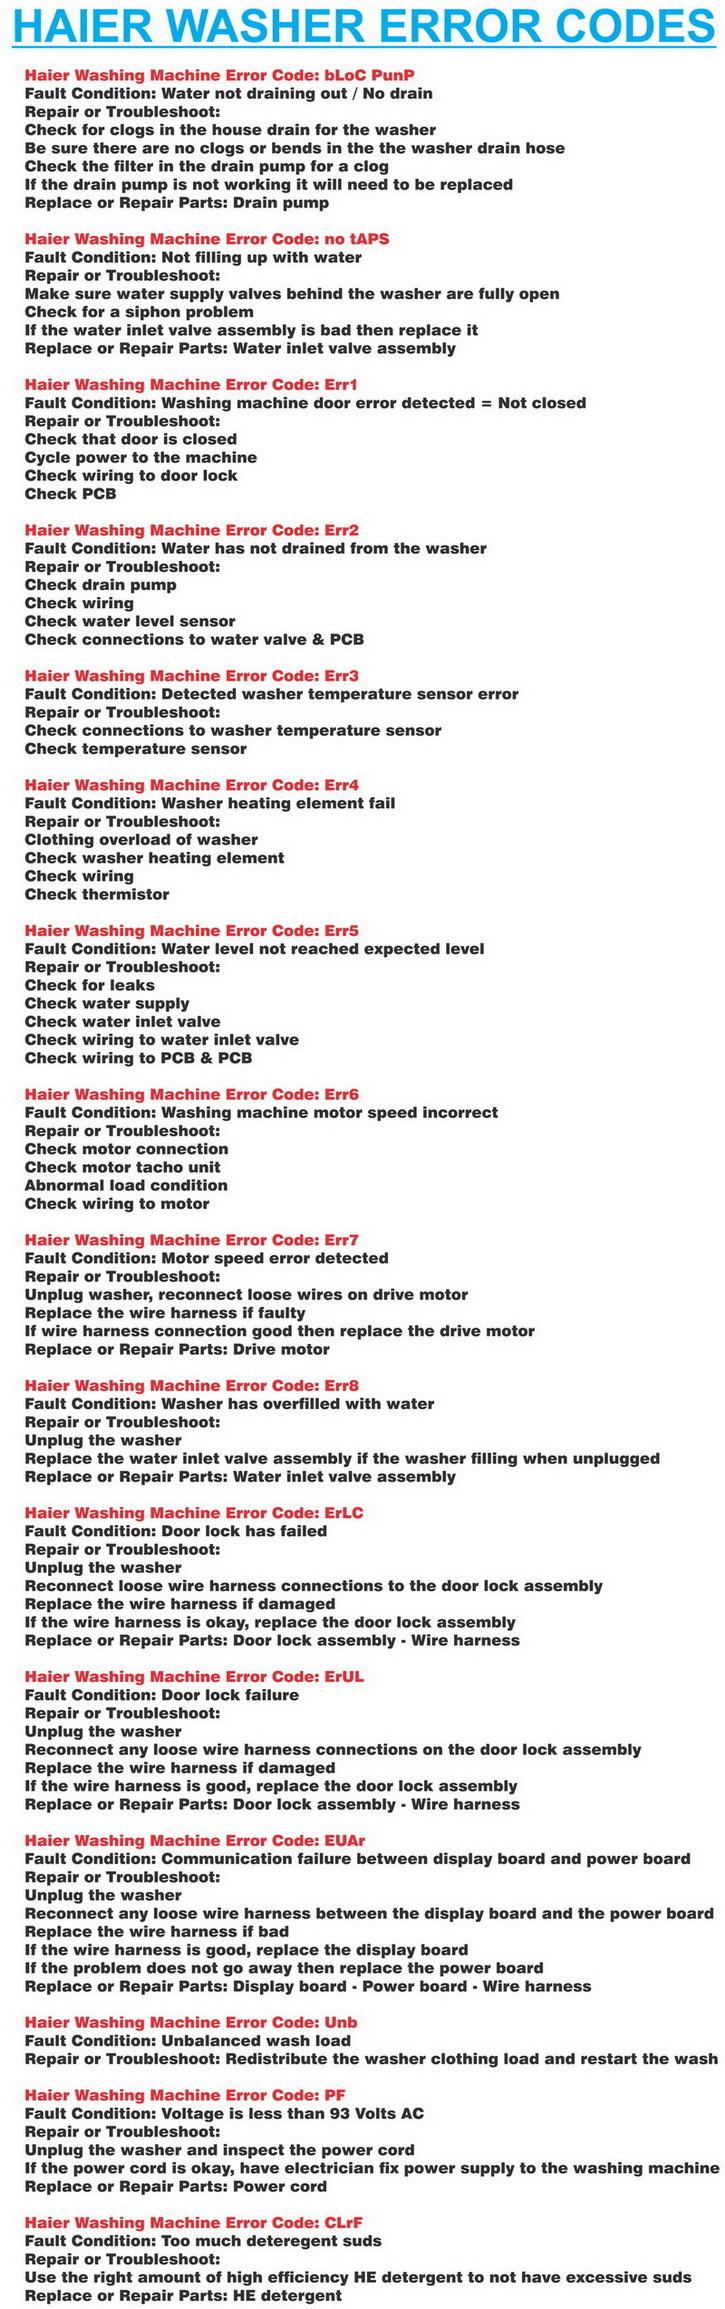 Haier Washing Machine Front Loader General Error Codes Straight A Motor Wiring List